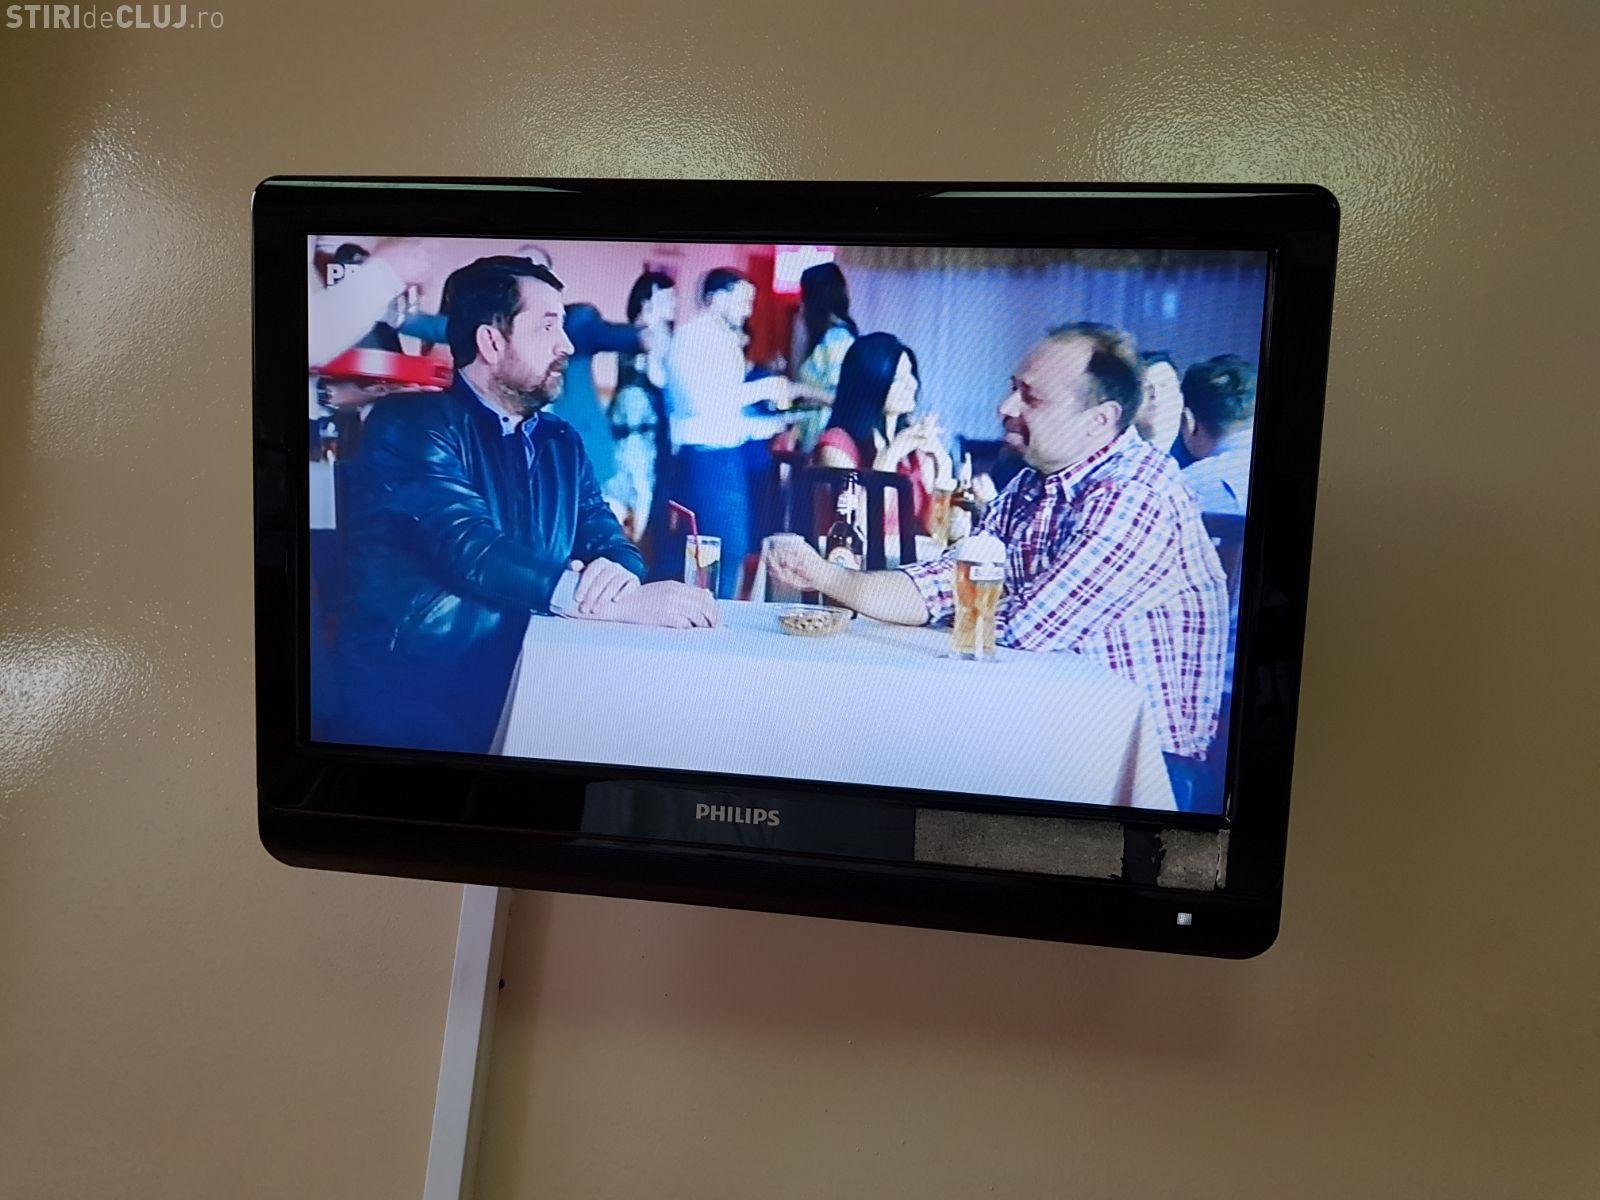 Cum sunt puși pacienții de la Chirurgie 1 Cluj să plătească pentru a se uita la televizor: Am dat 20 de lei pentru 48 de ore